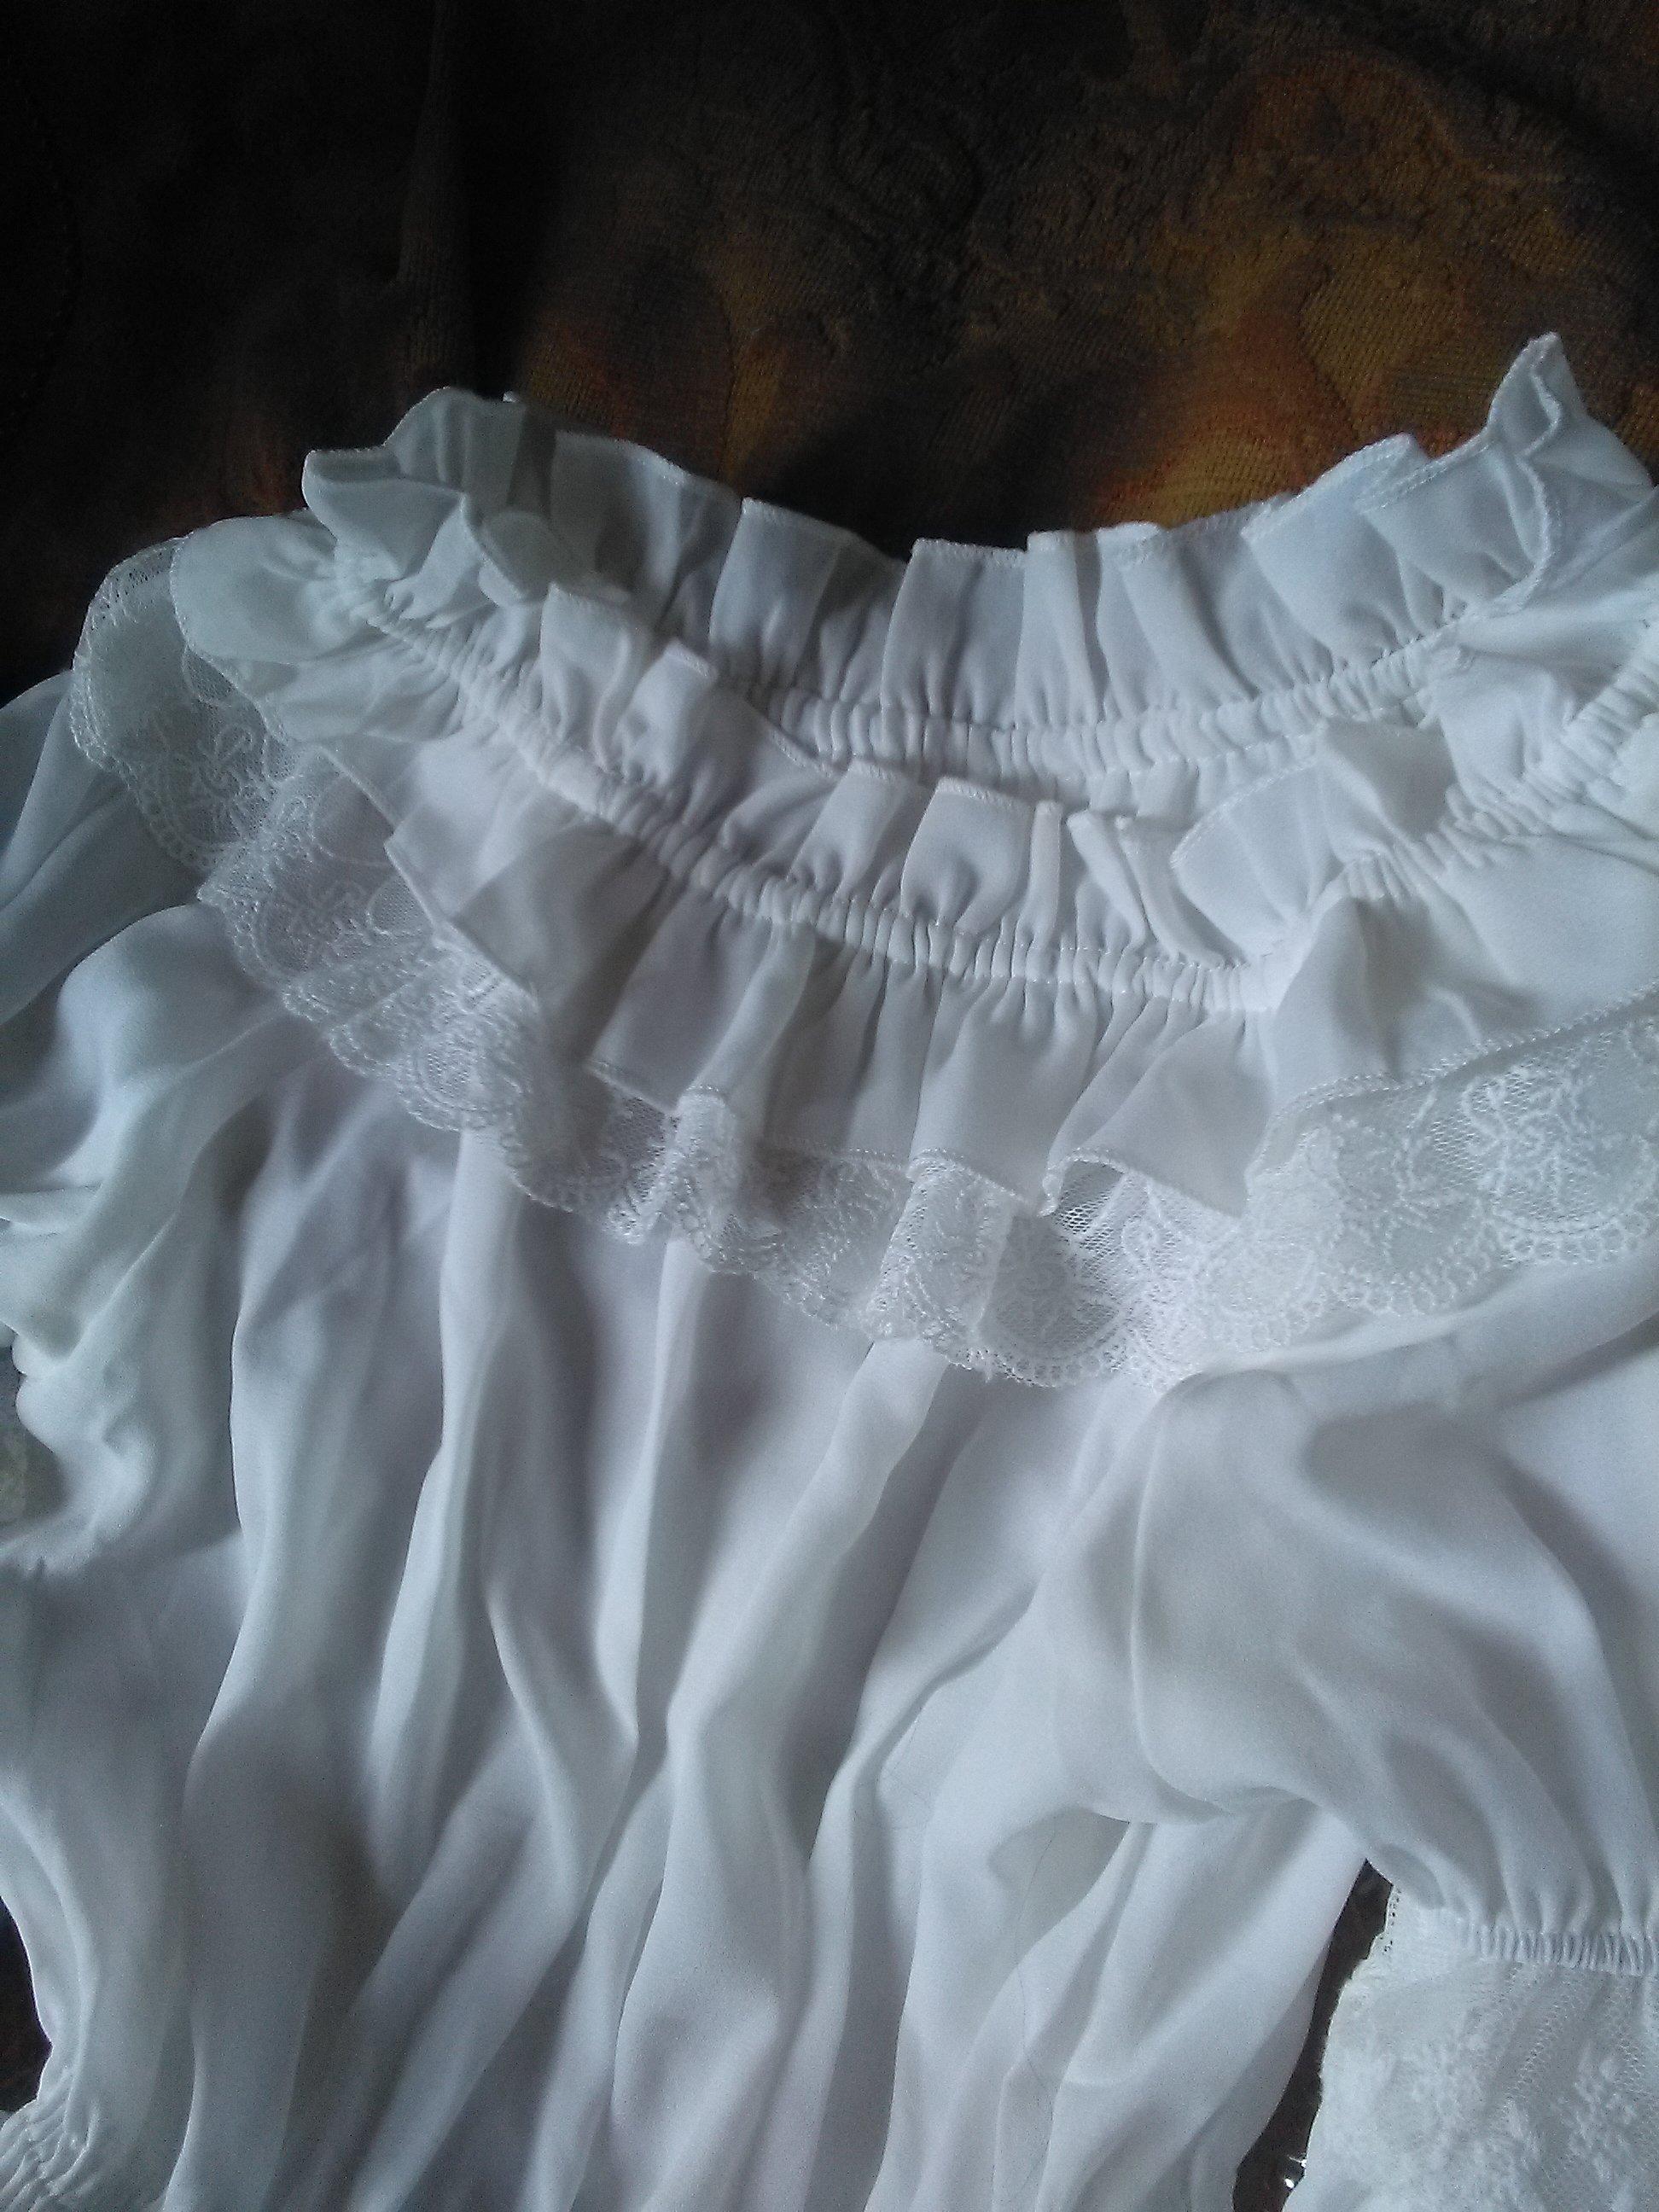 Белая шифоновая блуза с широкими рукавами и кружевом в венецианском стиле от LoliGals Lolita Store. - инструкция